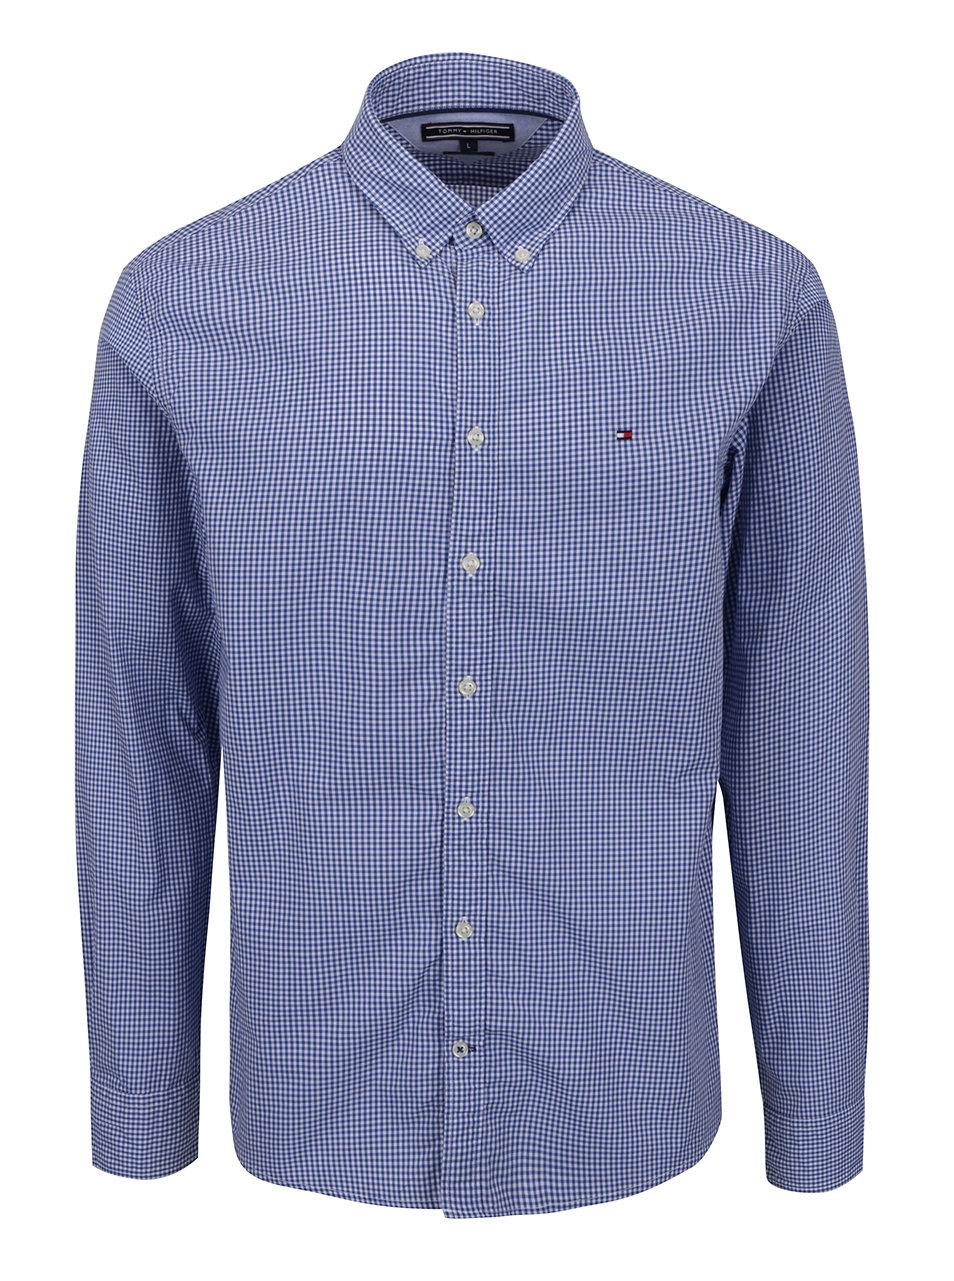 5b80ff7c7b50 Modro-biela pánska kockovaná košeľa Tommy Hilfiger ...